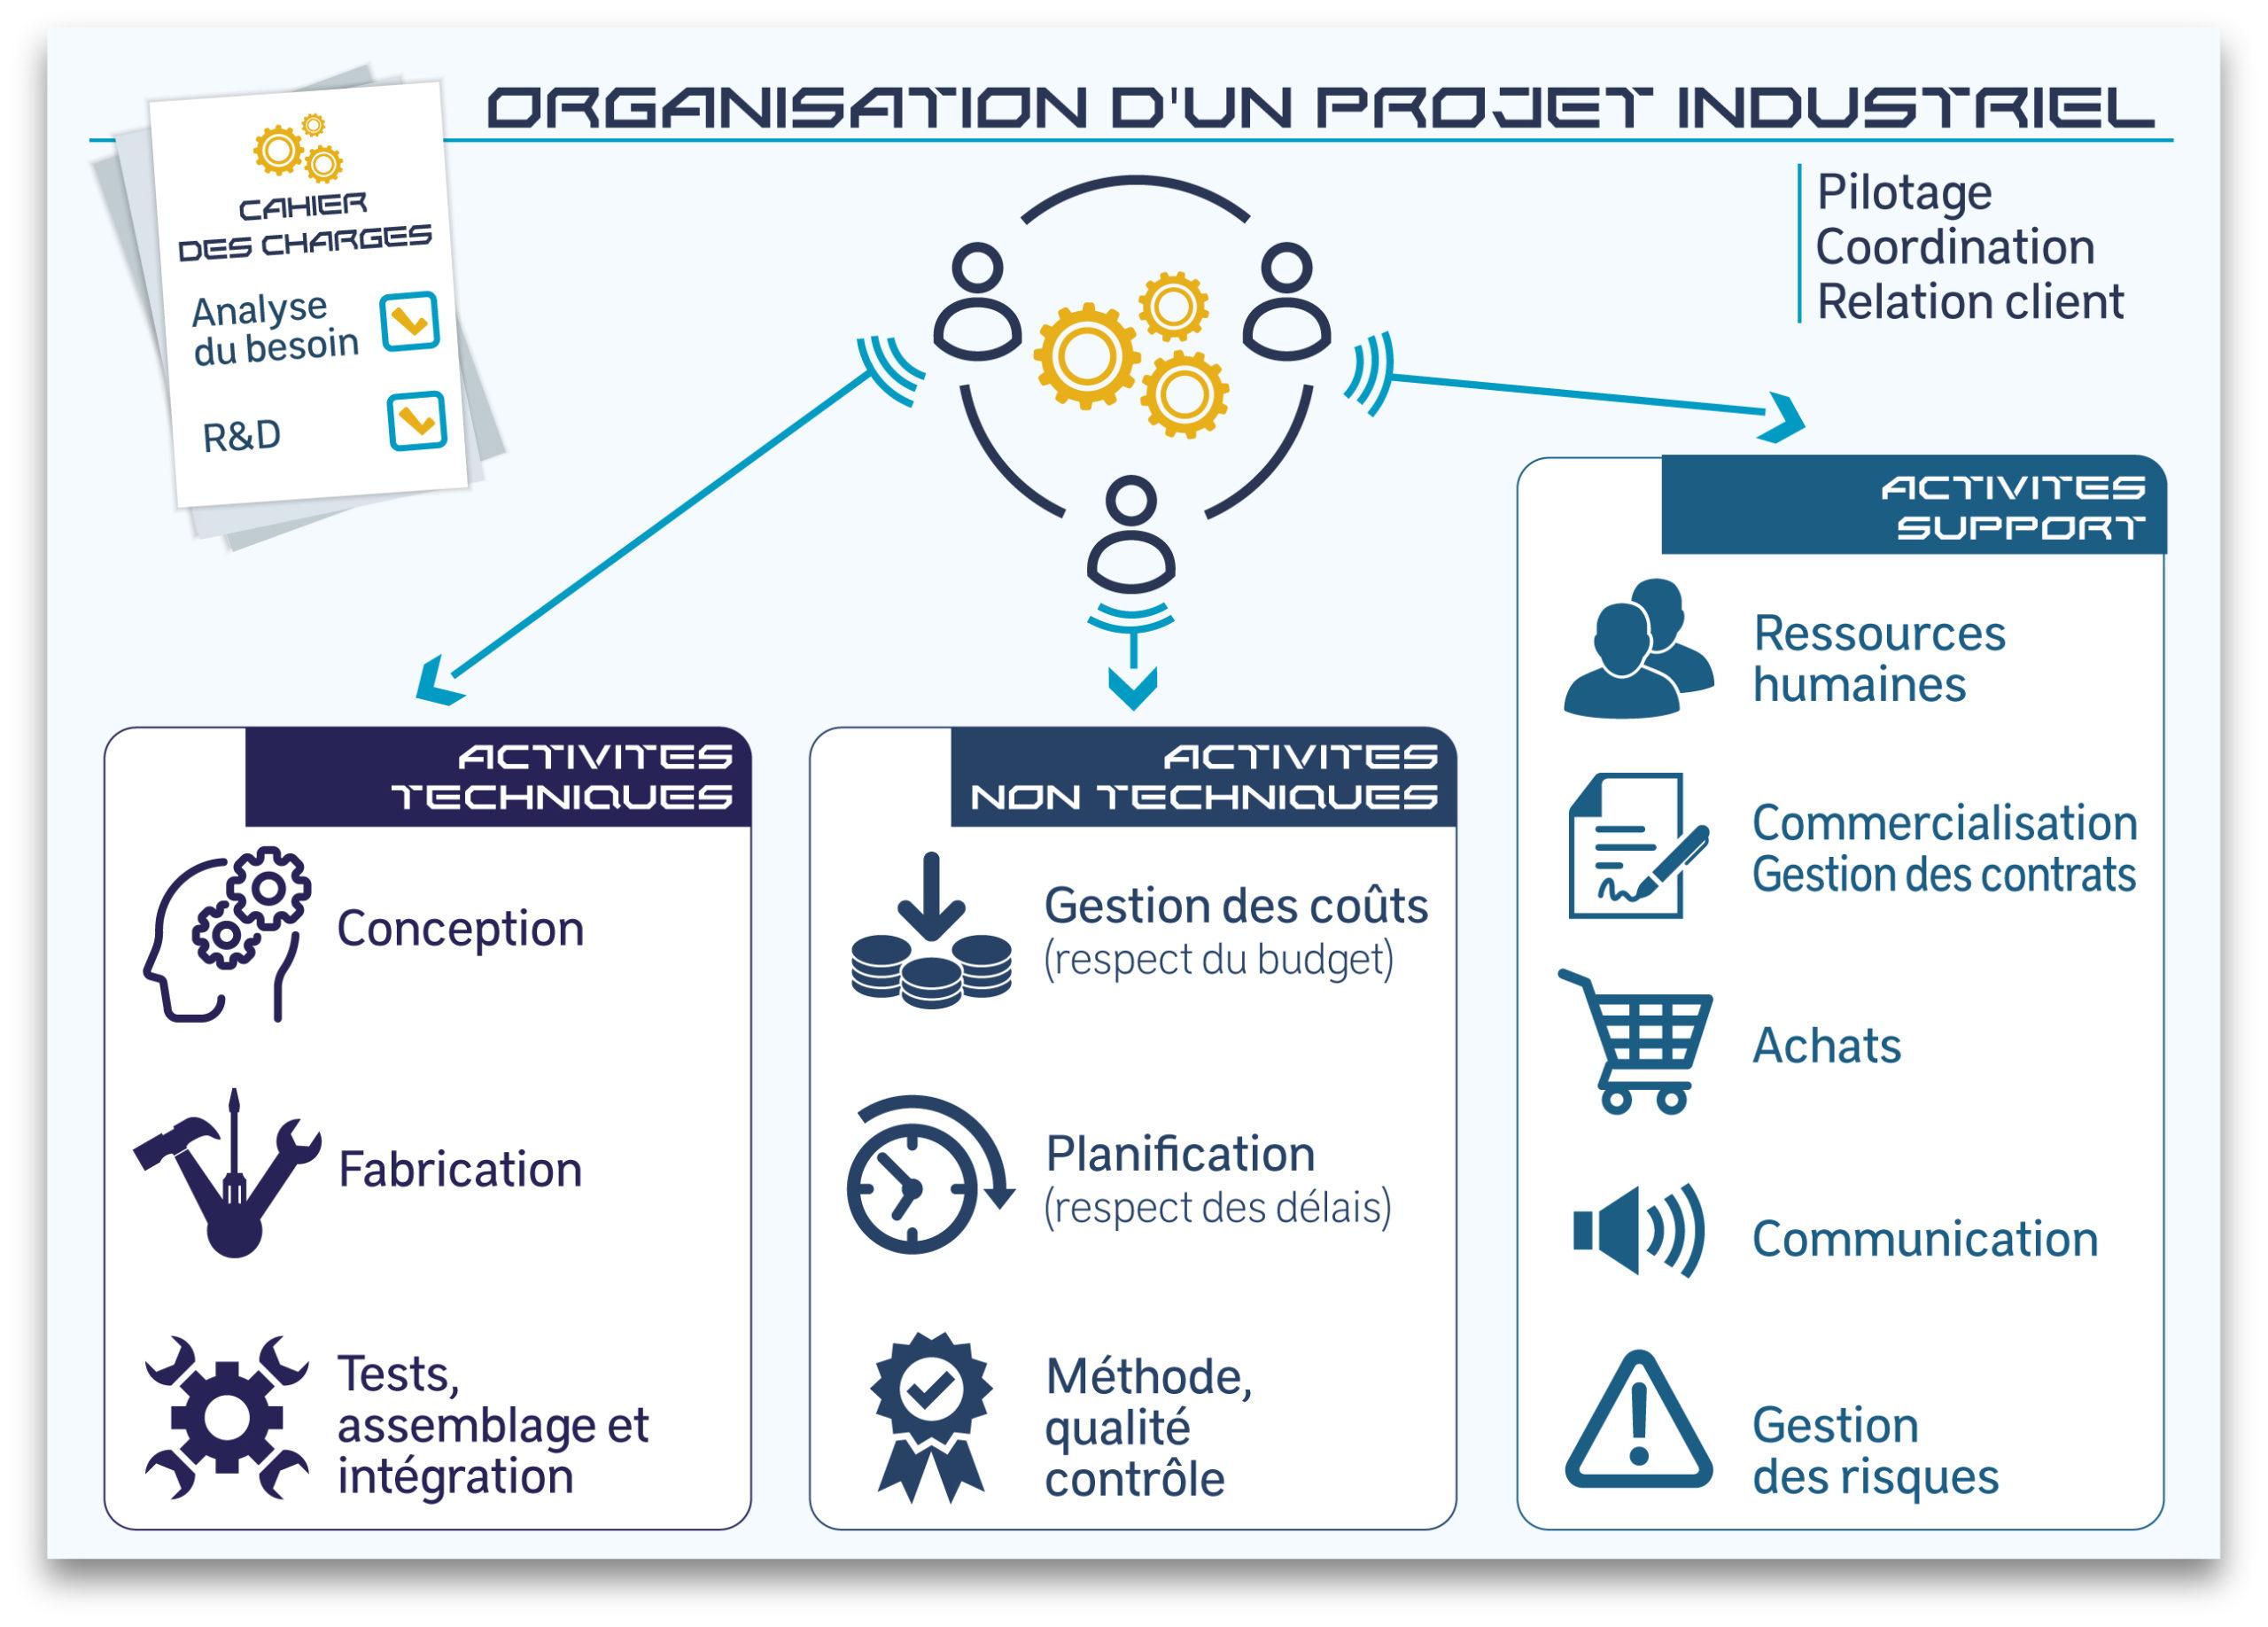 Organisation d'un projet industriel